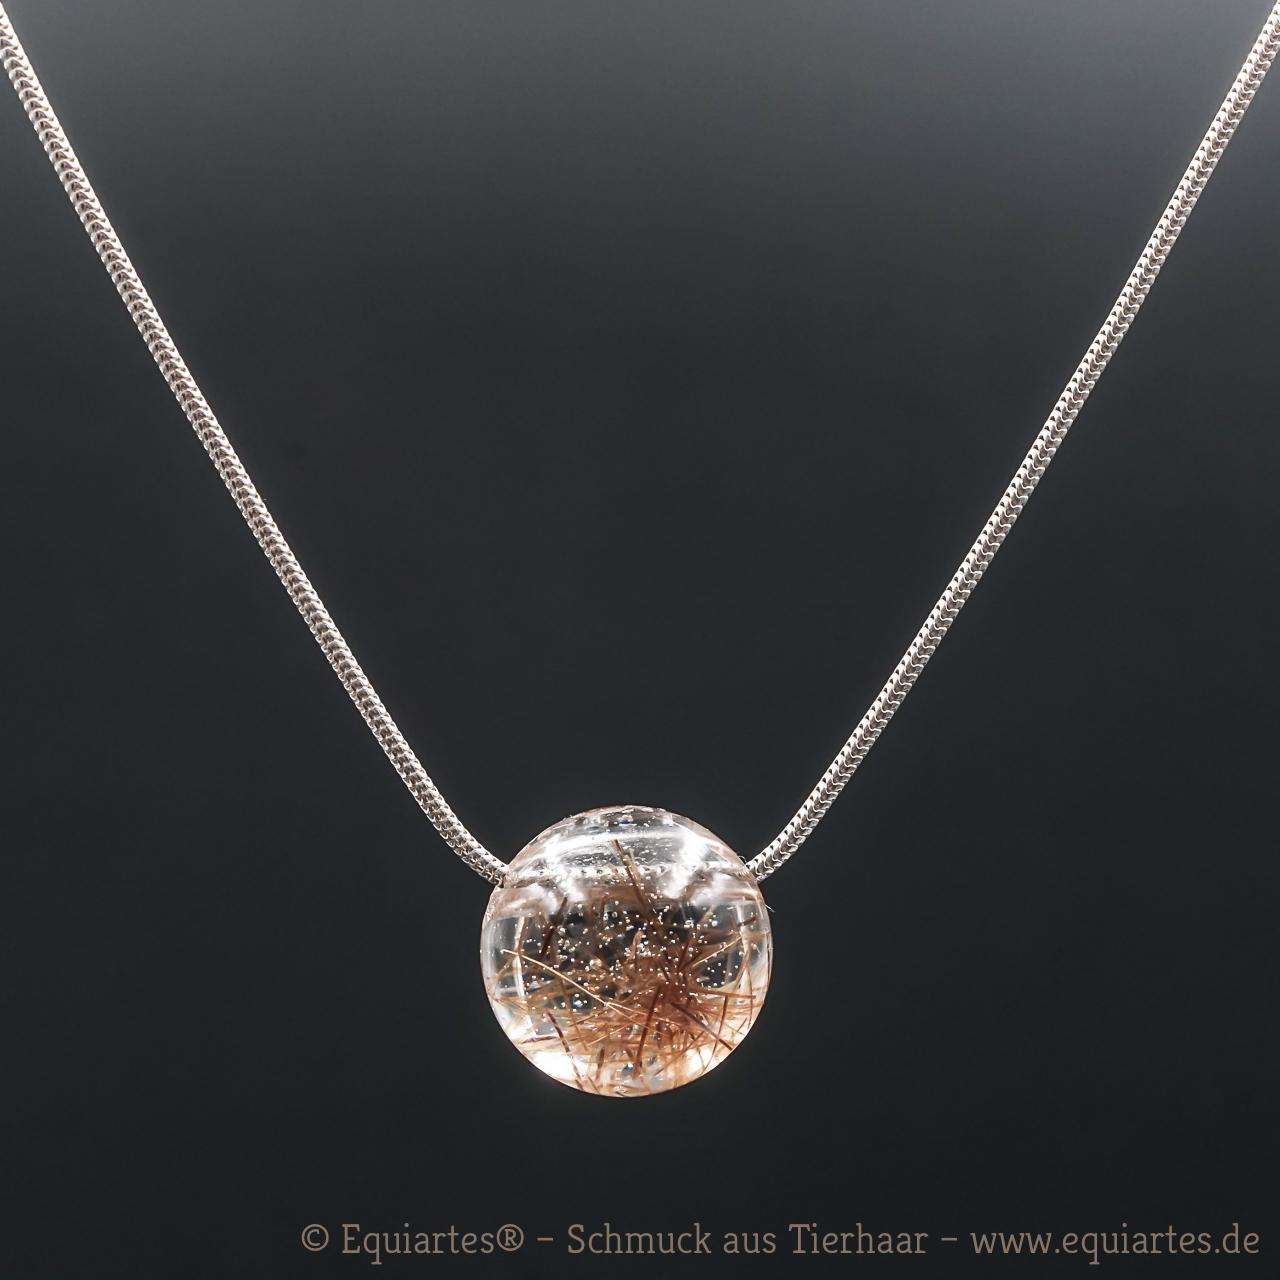 Tierhaarschmuck - Schlangenkette - Halskette Serpens II - Sterlingsilber